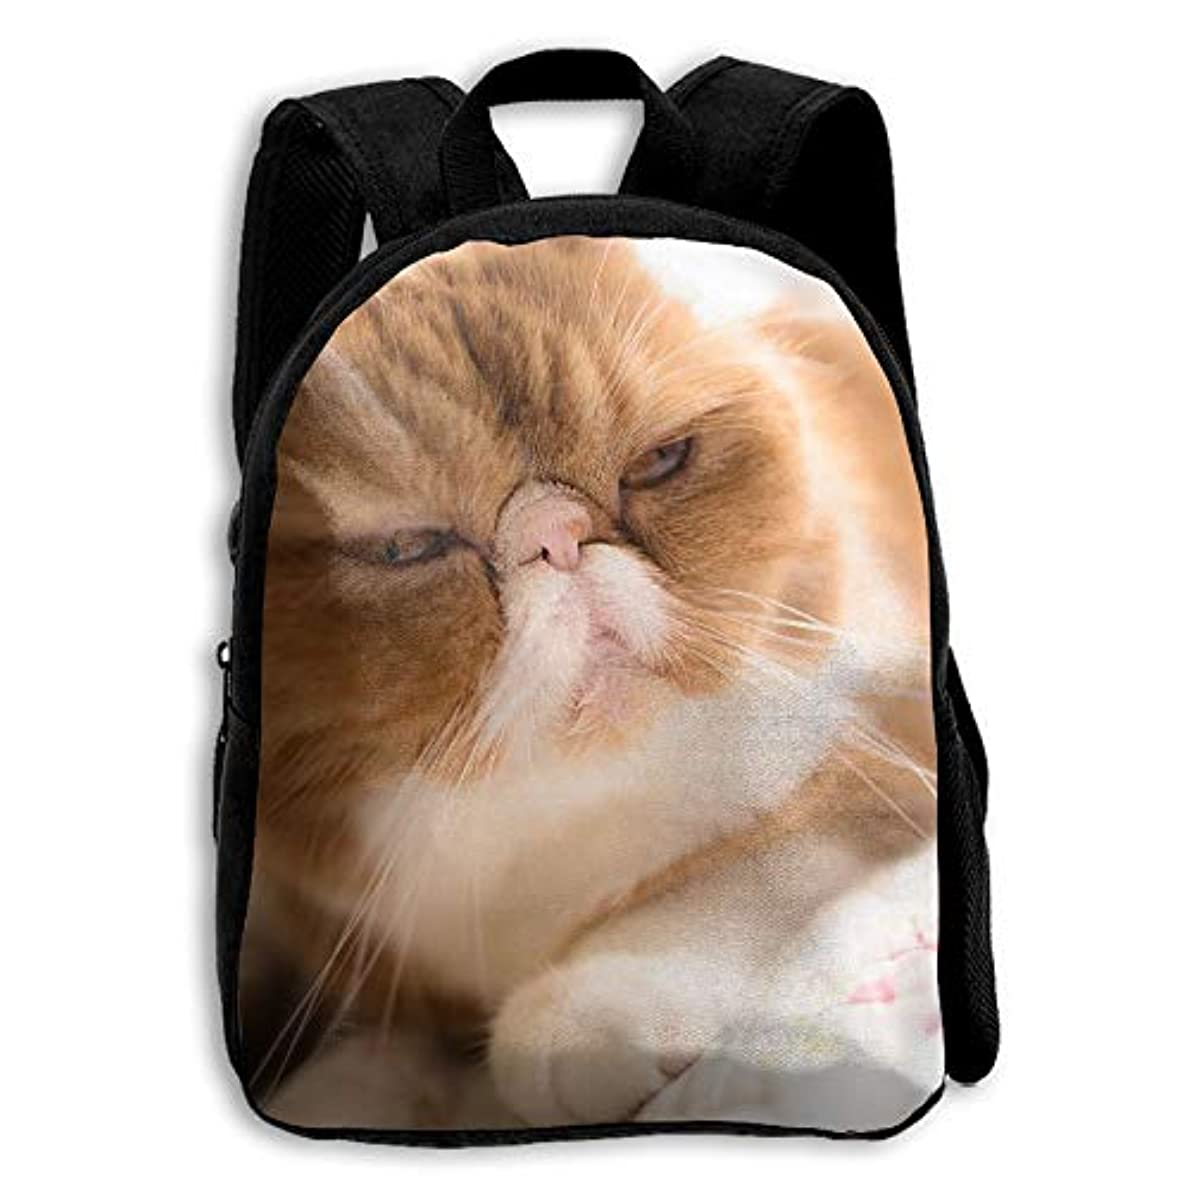 中級楽しむ空白キッズ バックパック 子供用 リュックサック 悲しいキャット猫 ショルダー デイパック アウトドア 男の子 女の子 通学 旅行 遠足